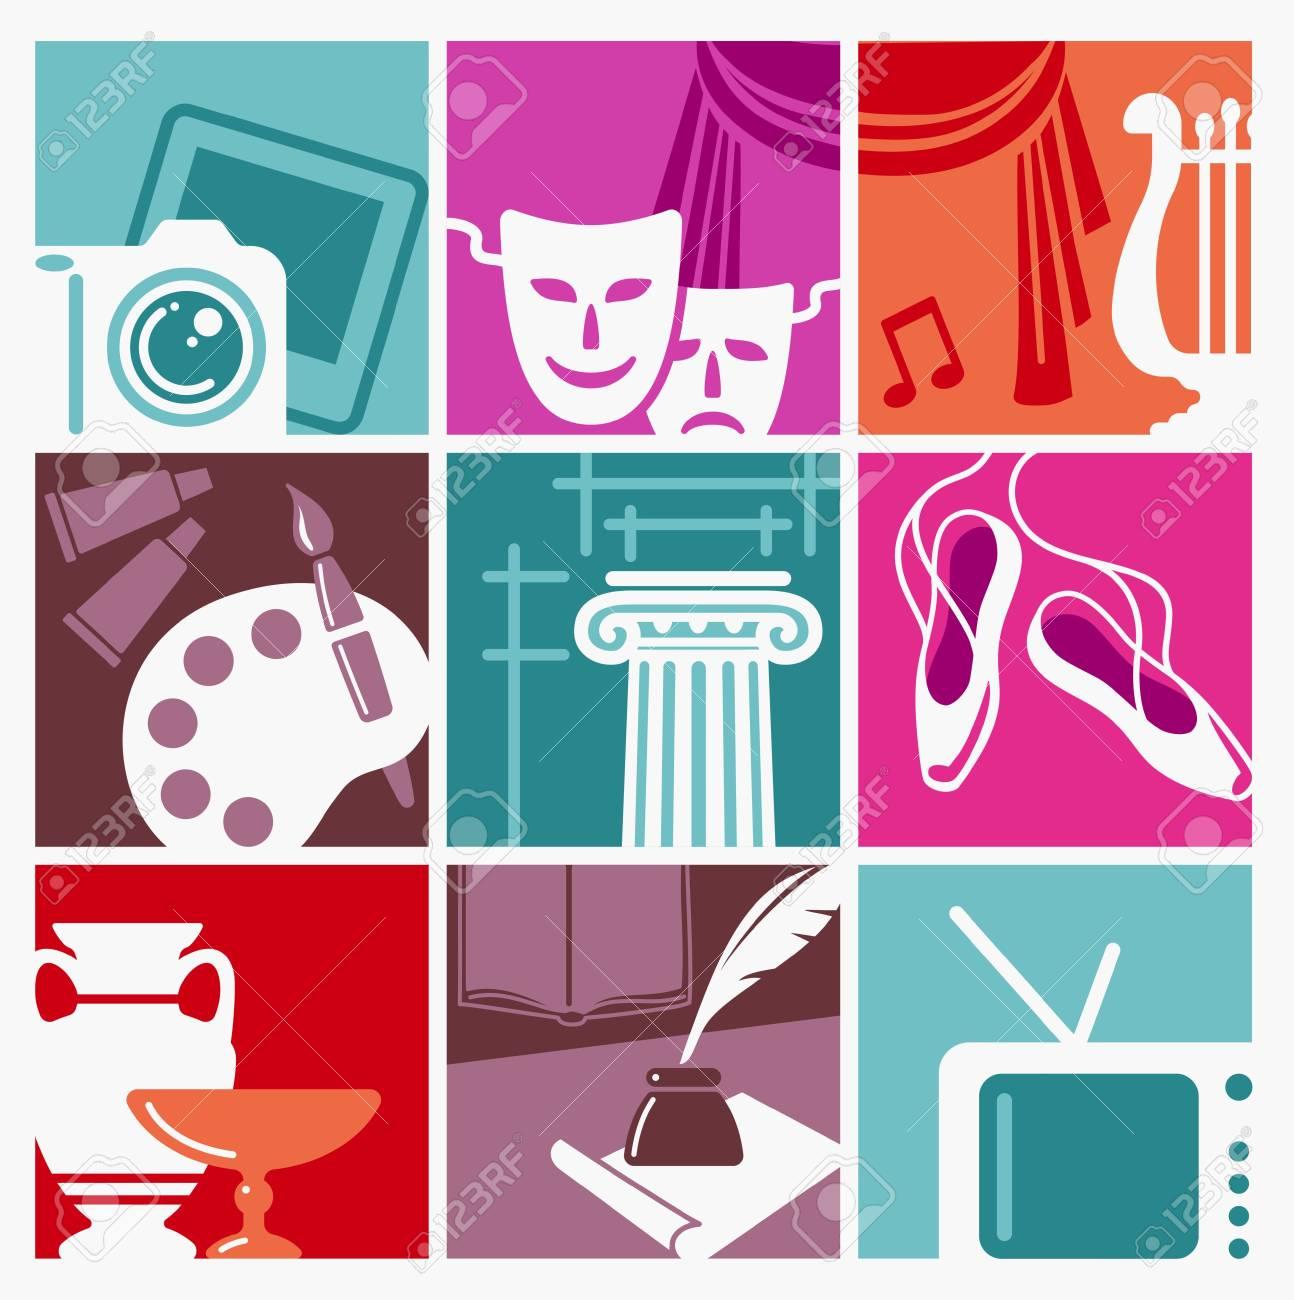 Símbolos De Varias Formas De Arte Y Entretenimiento Ilustración Vectorial. Ilustraciones Vectoriales, Clip Art Vectorizado Libre De Derechos. Image 87624081.